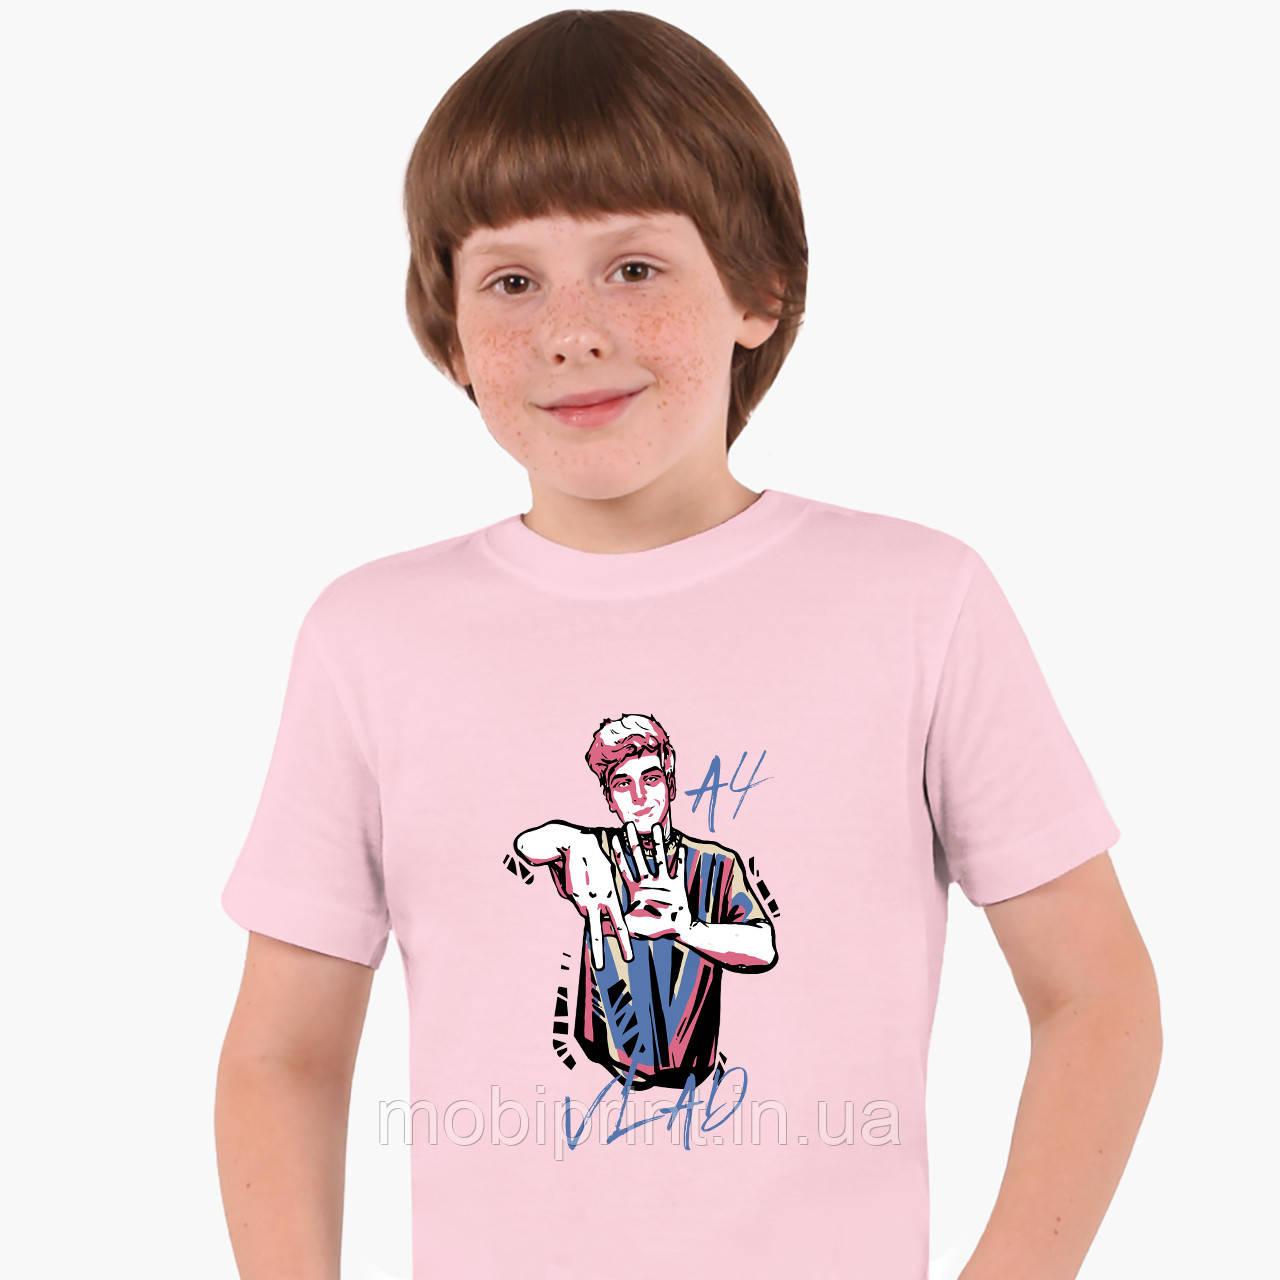 Детская футболка для мальчиков блогер Влад Бумага А4 (blogger Vlad A4) (25186-2621) Розовый